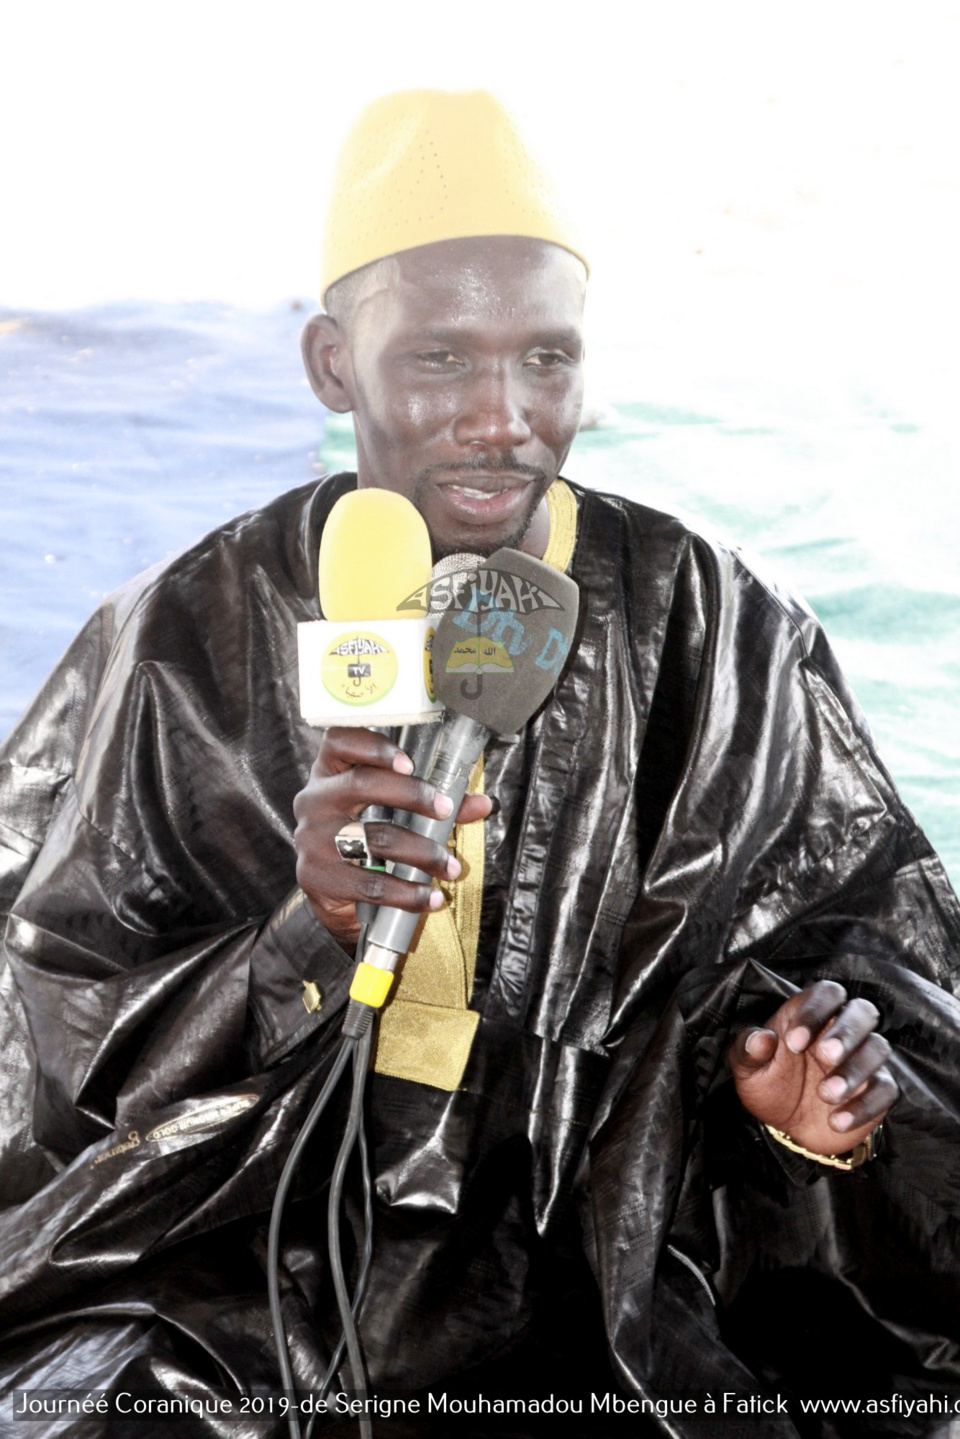 PHOTOS - FATICK - Les Images de la Journée Coranique 2019 de Serigne El Hadj Mouhamadou Mbengue